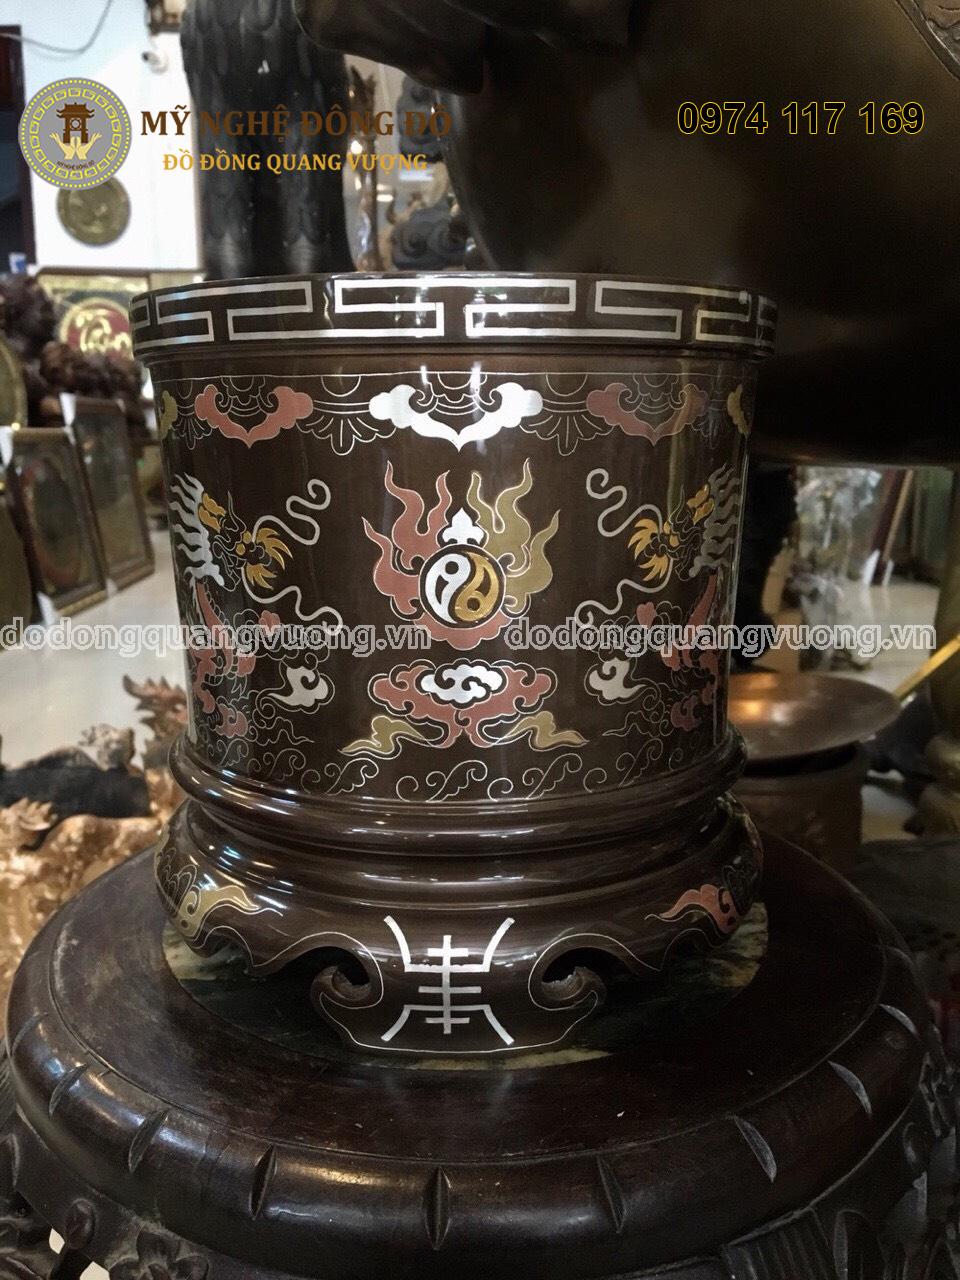 Bát hương bằng đồng khảm ngũ sắc cao 20cm